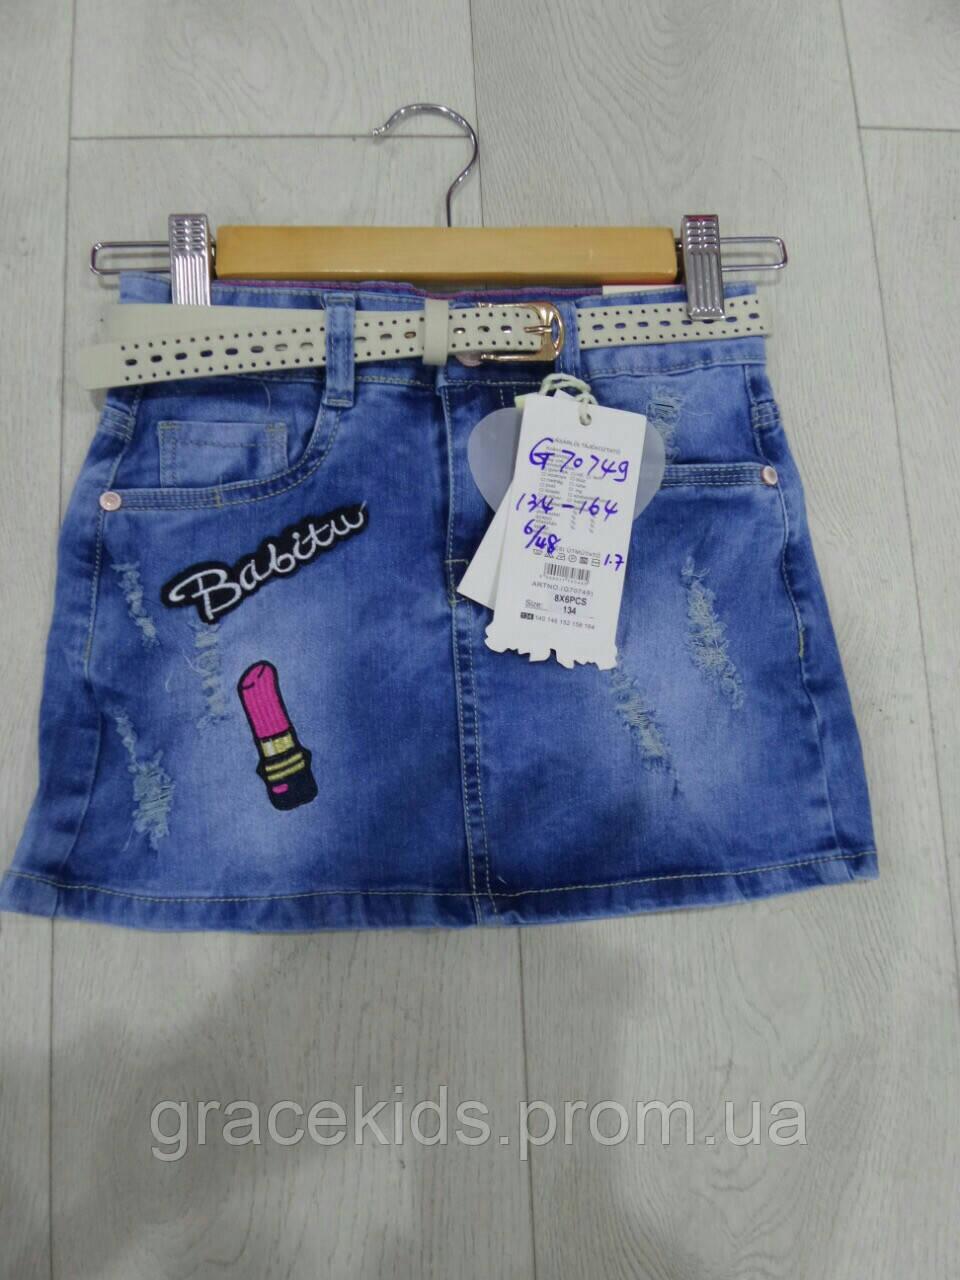 Джинсовая юбка подростковая GRACE